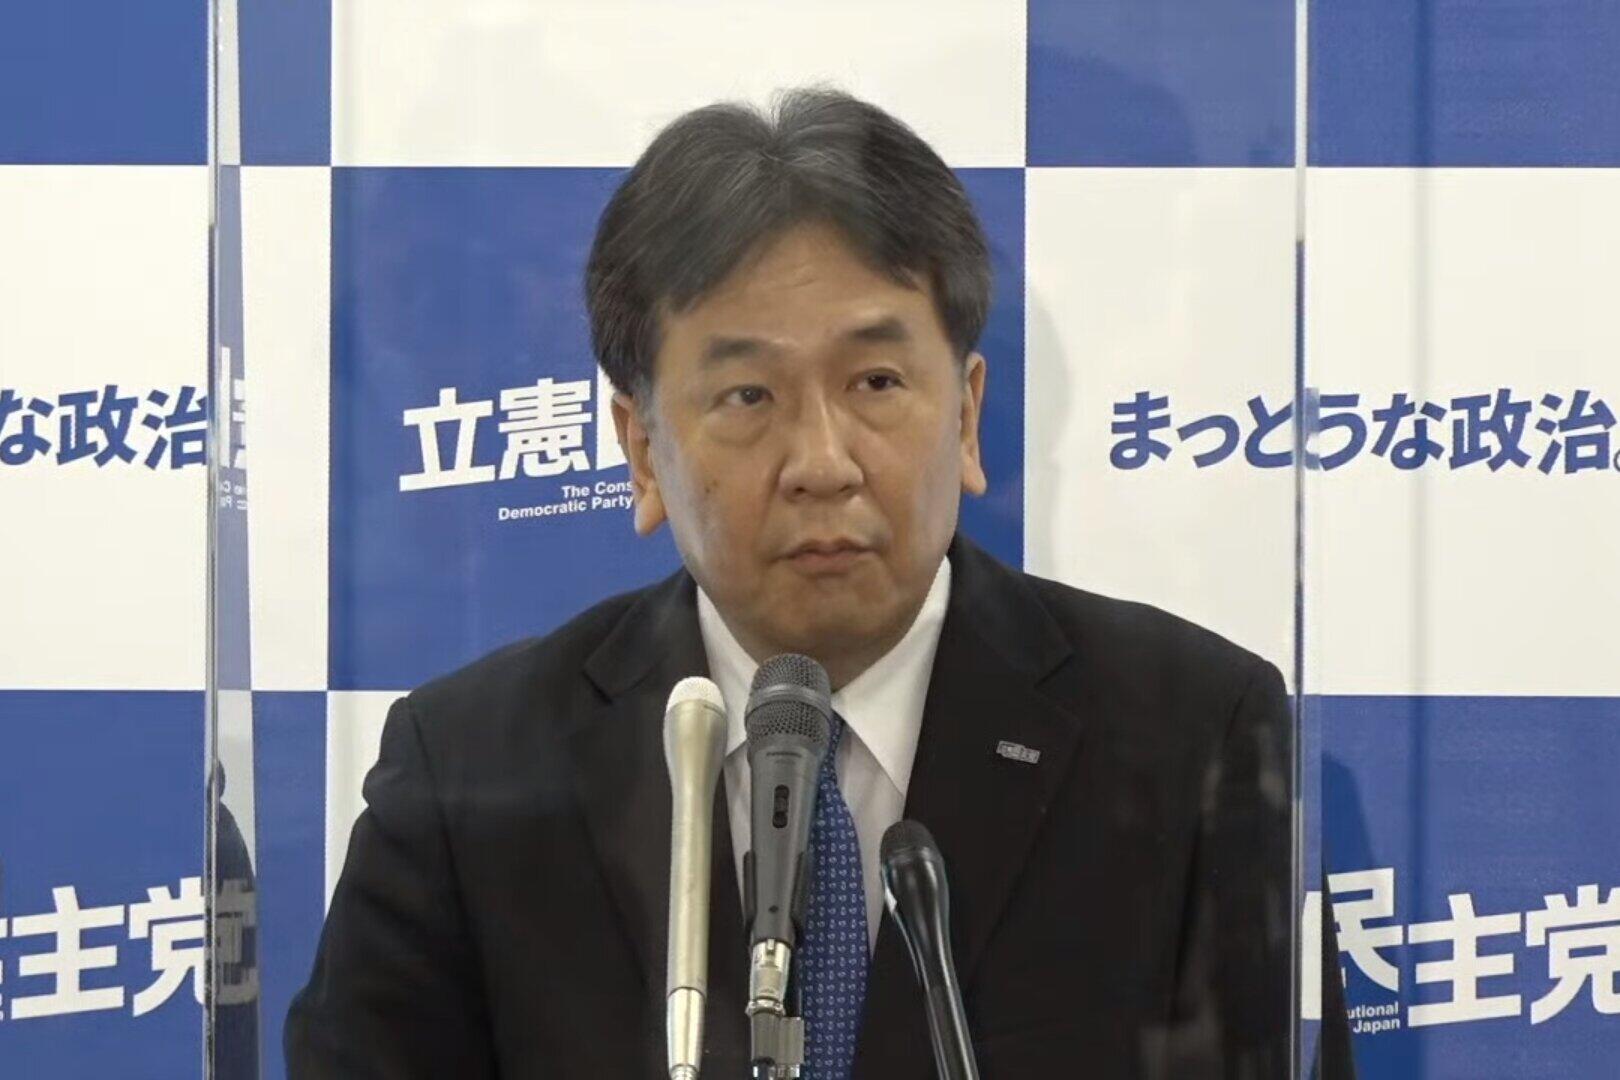 枝野さん、都知事選はもう...? 小池都政の評価は「東京都連に聞いて」